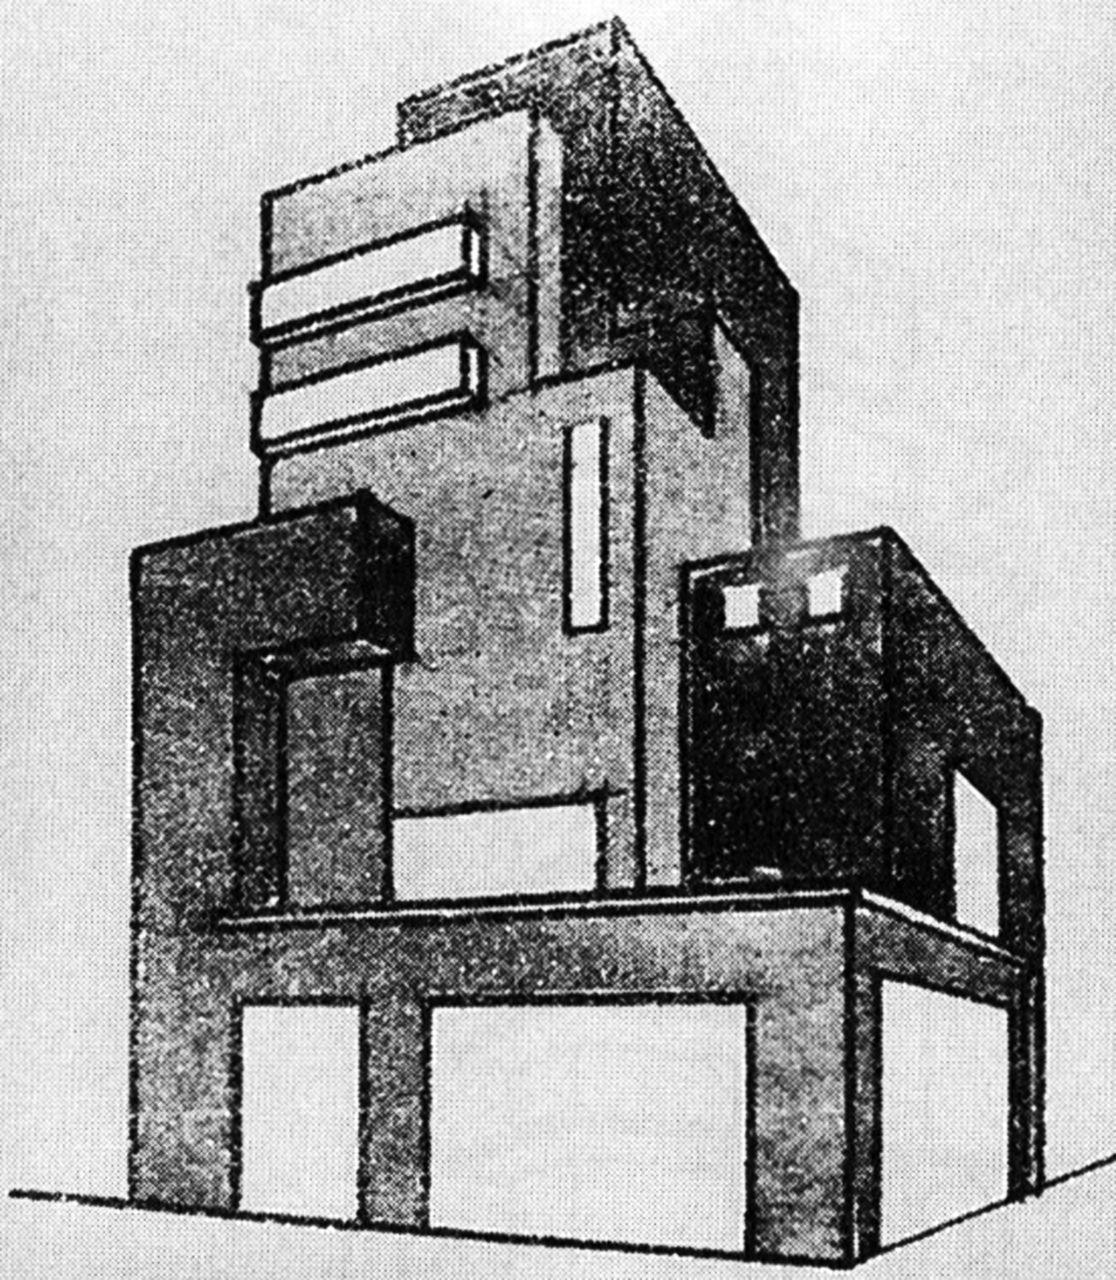 dibujos arquitectonicos  Buscar con Google  Arq Sketches